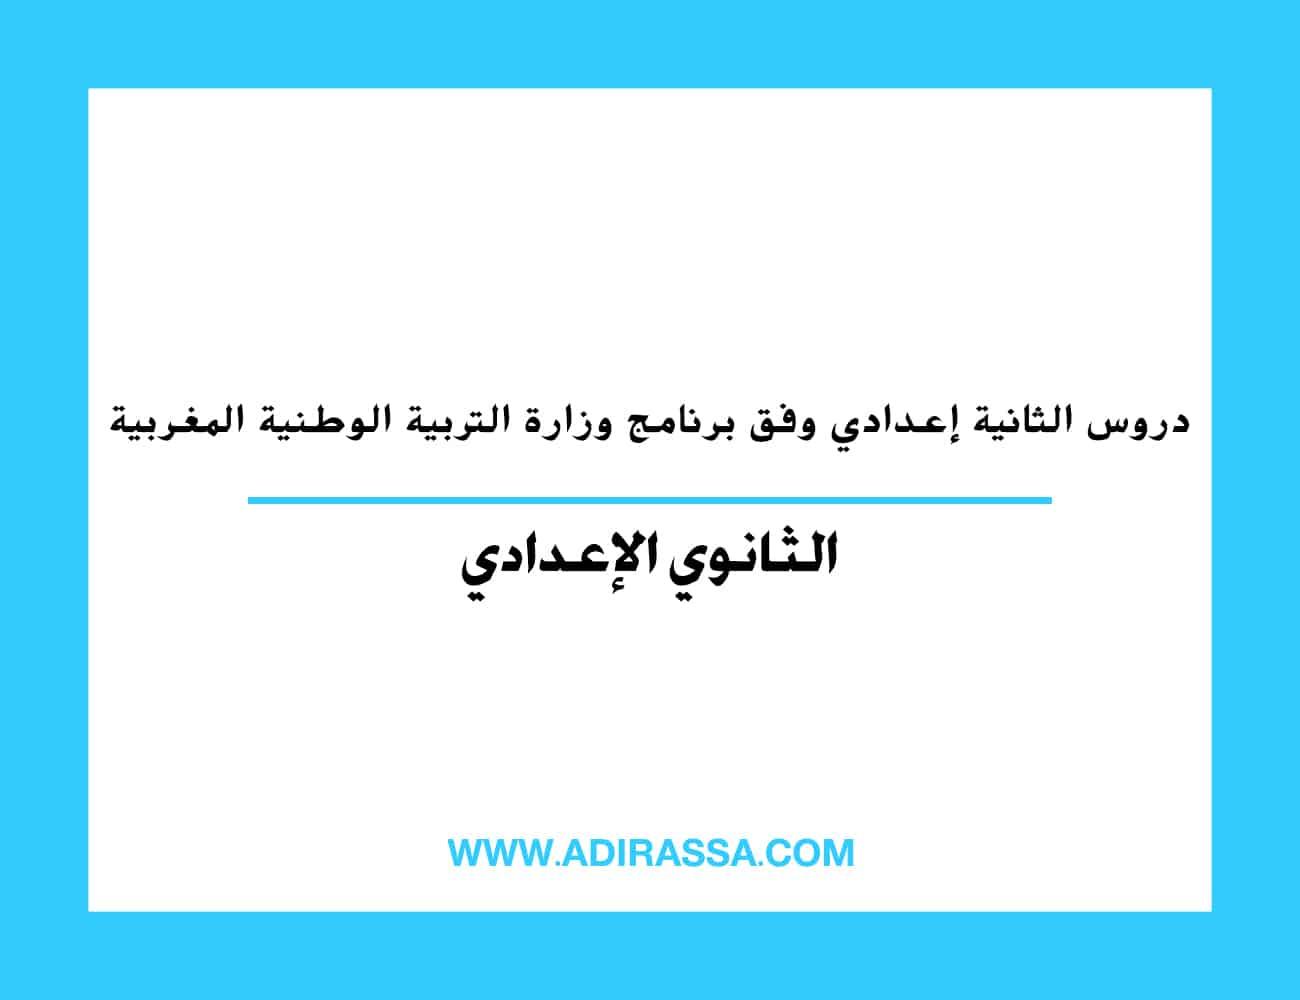 دروس الثانية إعدادي وفق برنامج وزارة التربية الوطنية المغربية